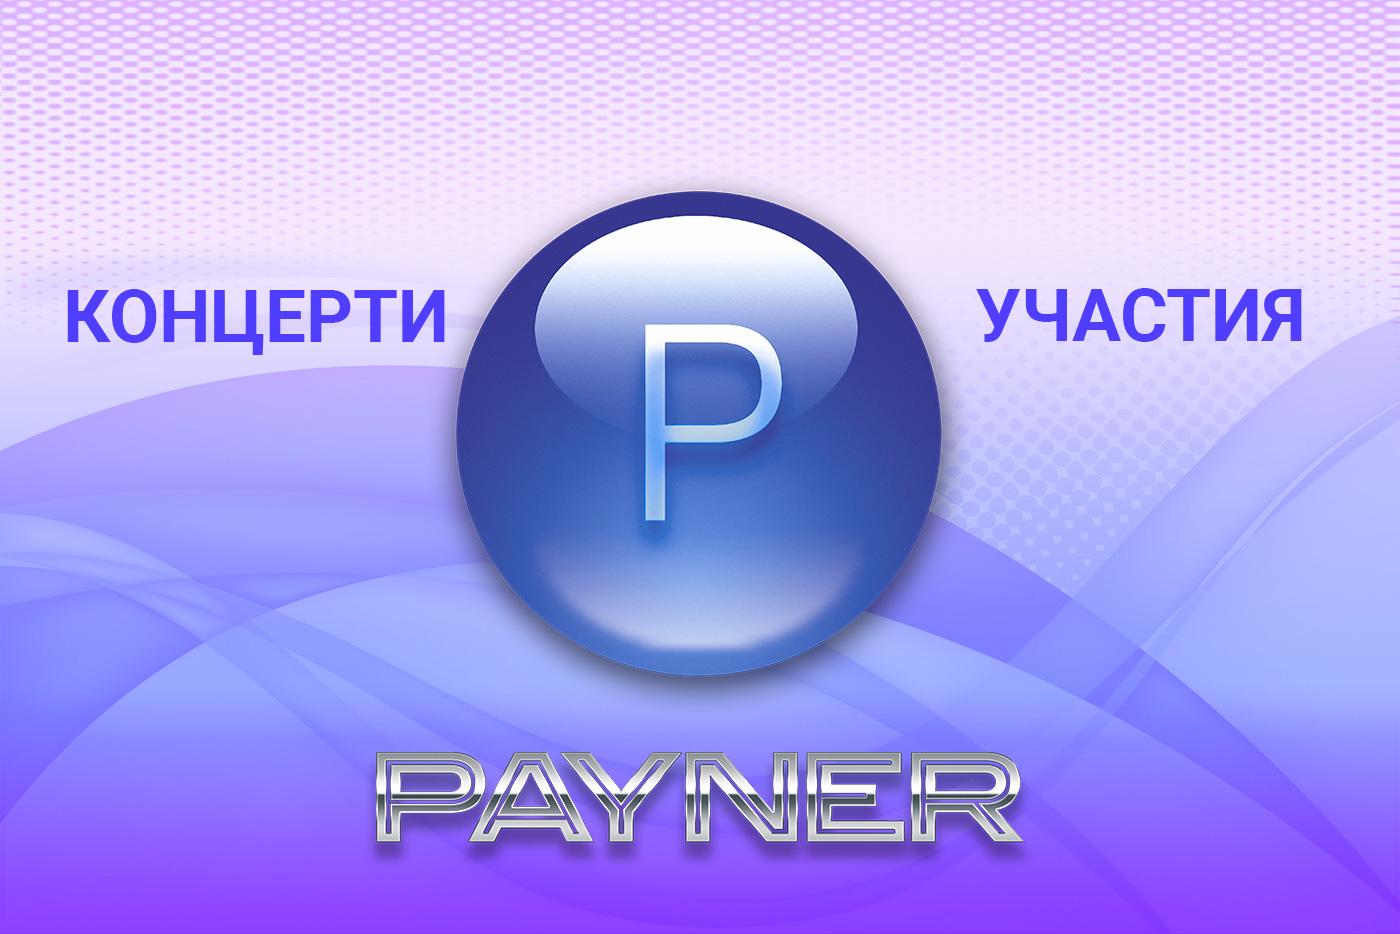 """Участия на звездите на """"Пайнер"""" на 29.05.2019"""